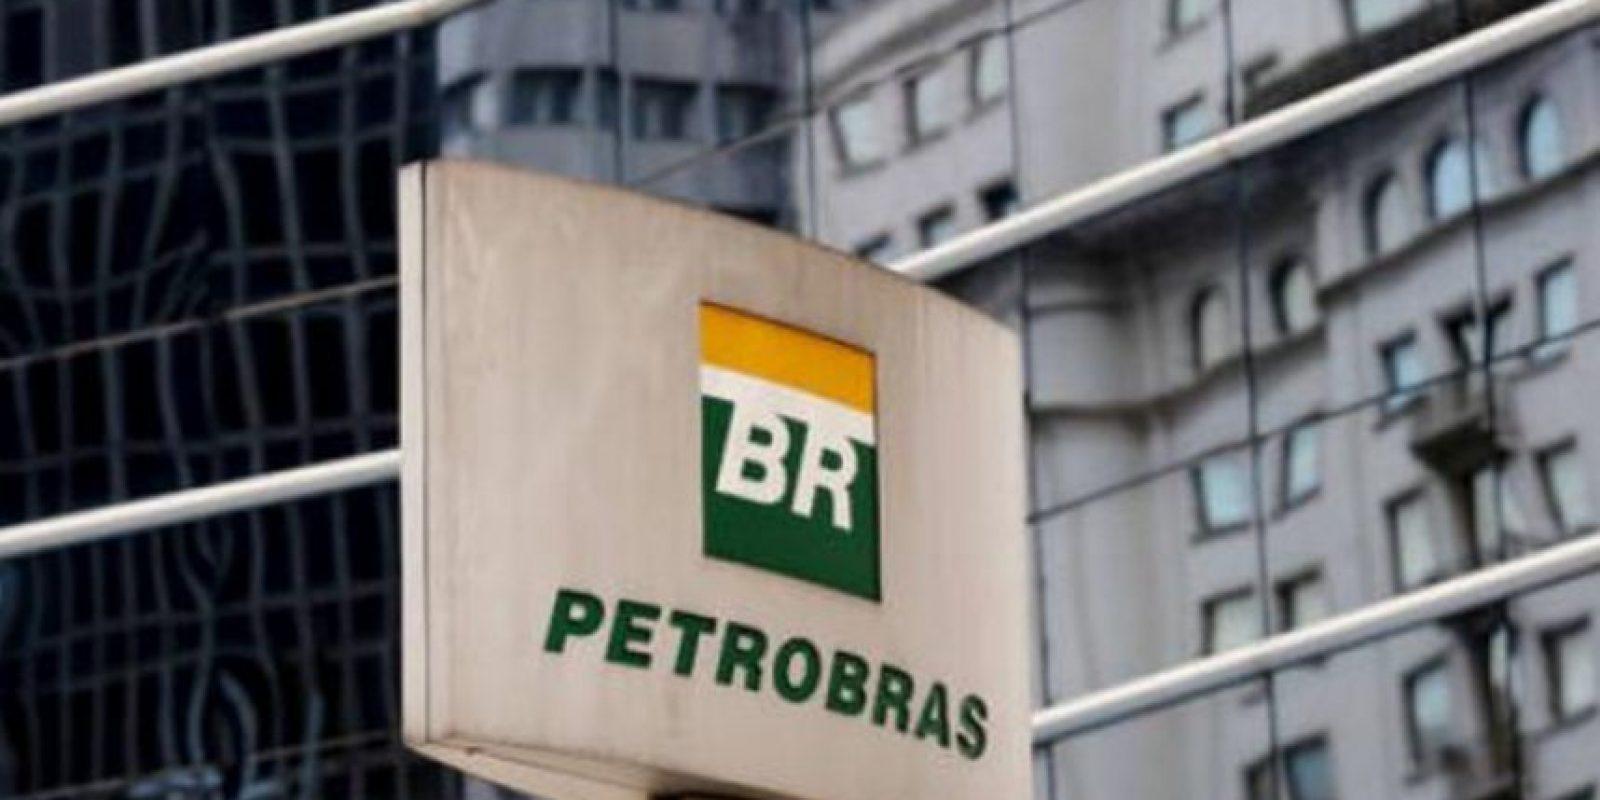 Petrobras es la petrolera más importante de este país, y ahora su historía será contada en una serie televisiva. Foto:Getty Images